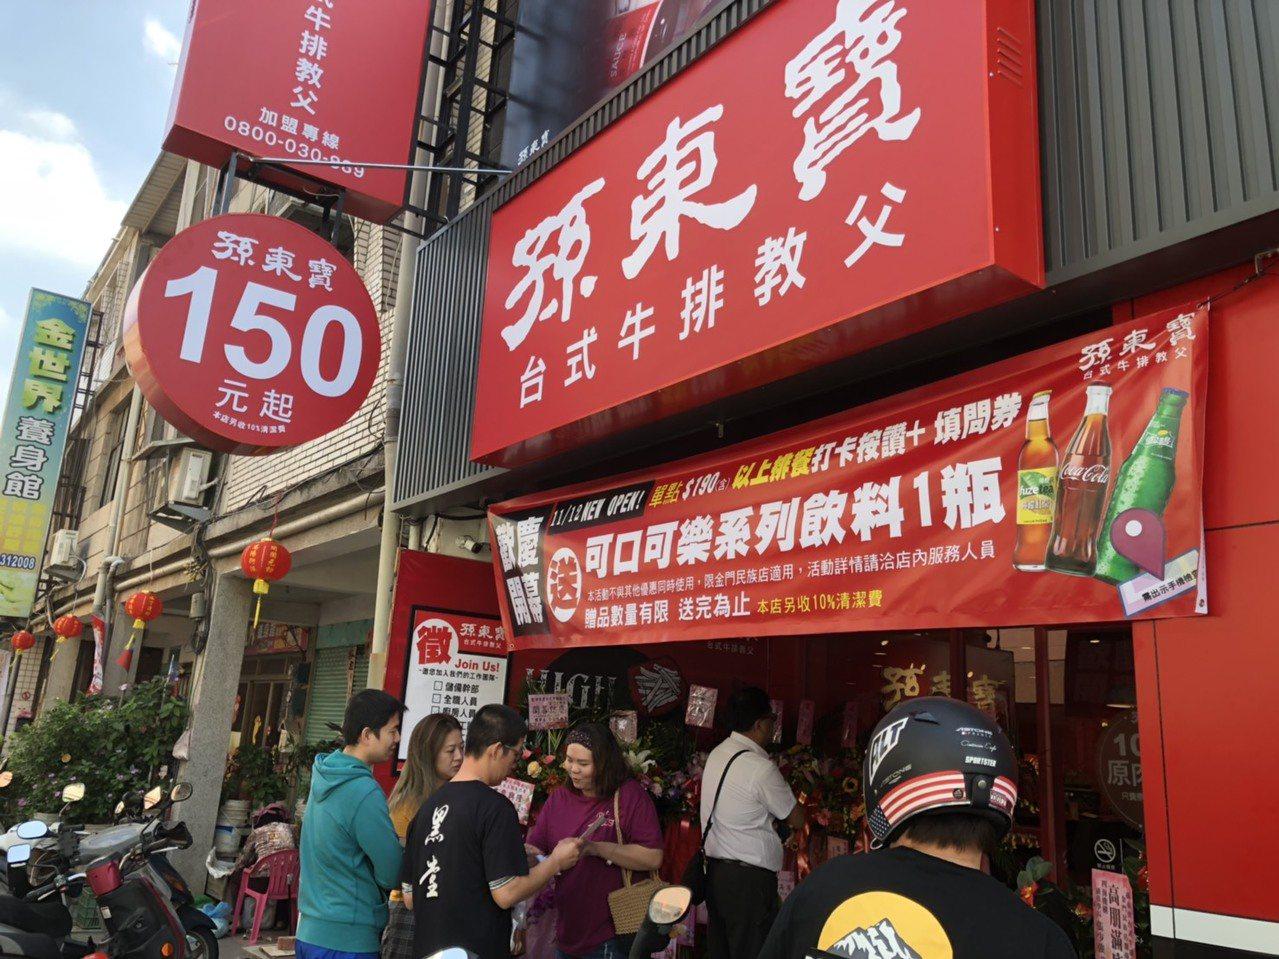 老字号的台式牛排始祖孙东宝金门店今天正式开幕,是离岛第一家分店,不少消费者慕名到...